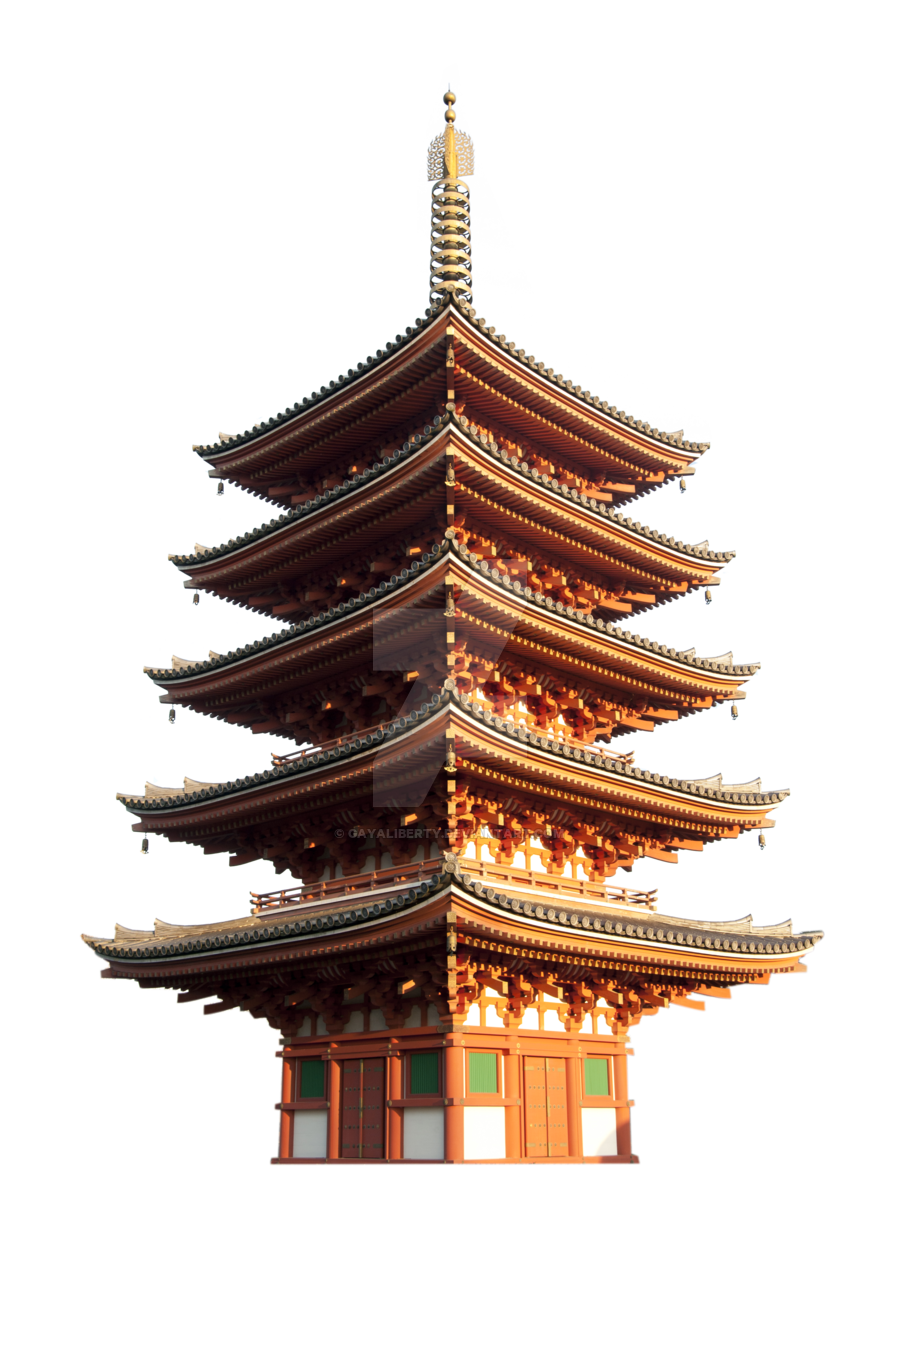 Pagoda png by gayaliberty on DeviantArt.